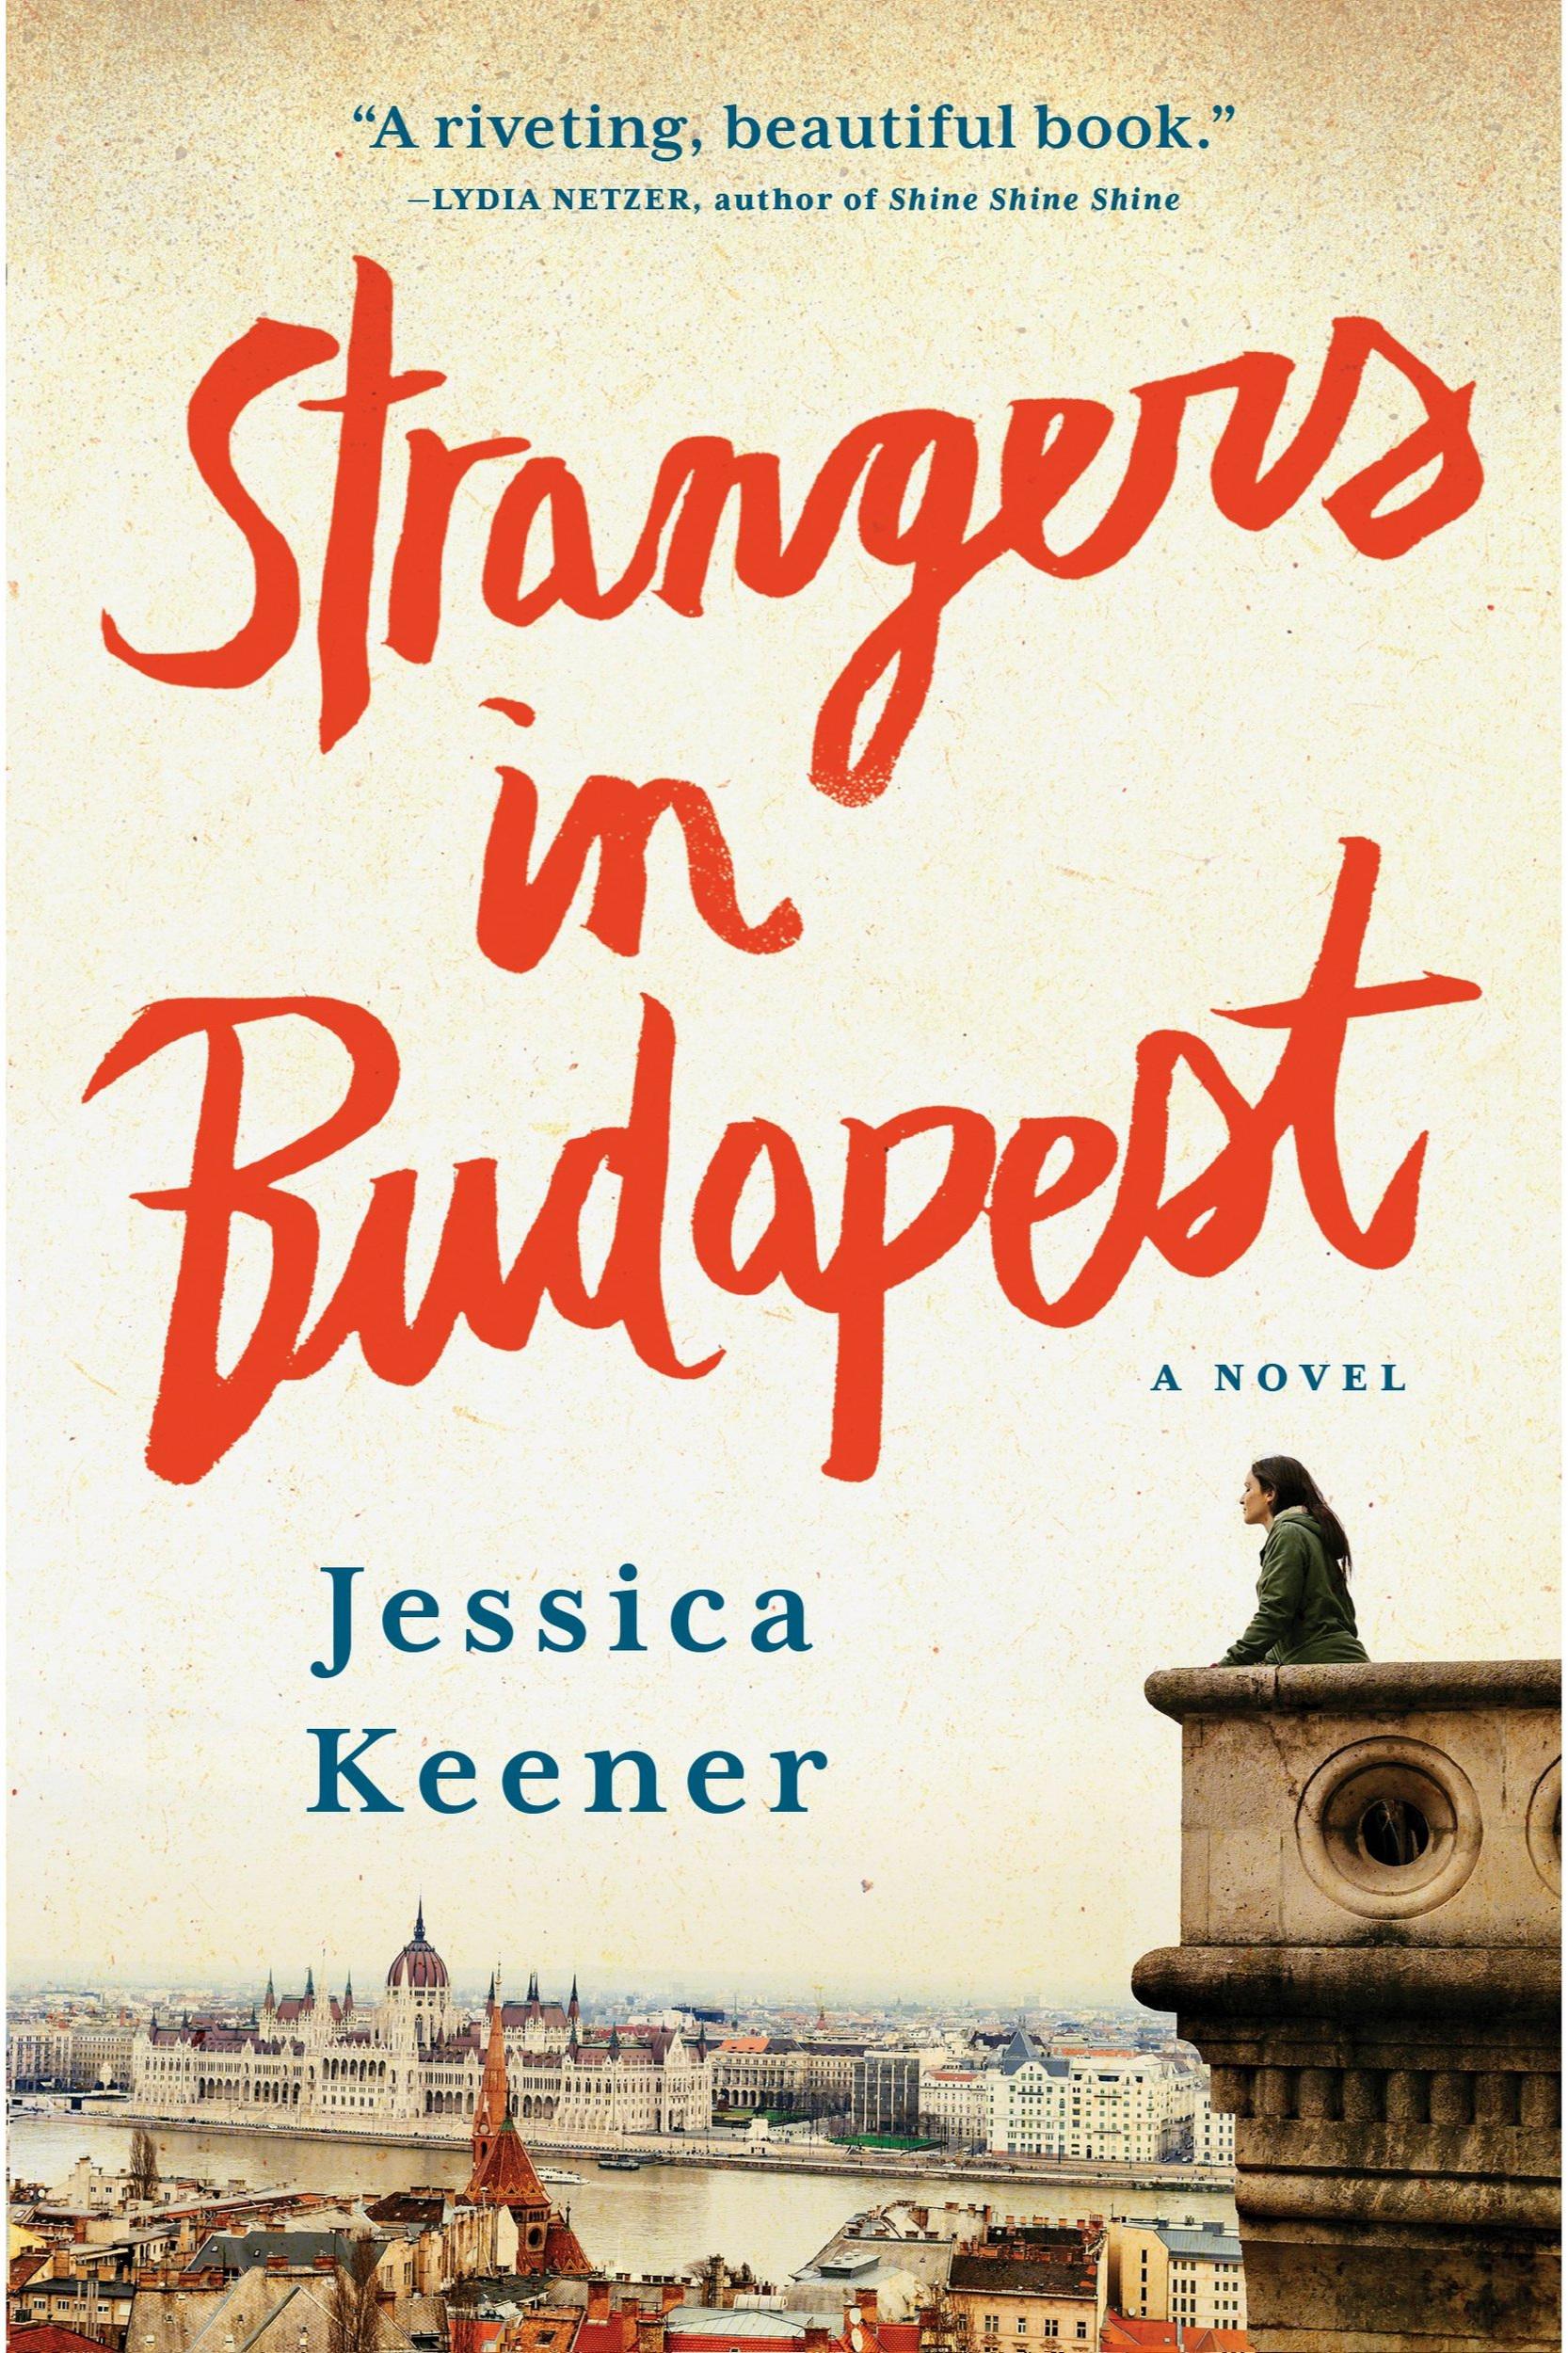 Strangers in Budapest.jpg